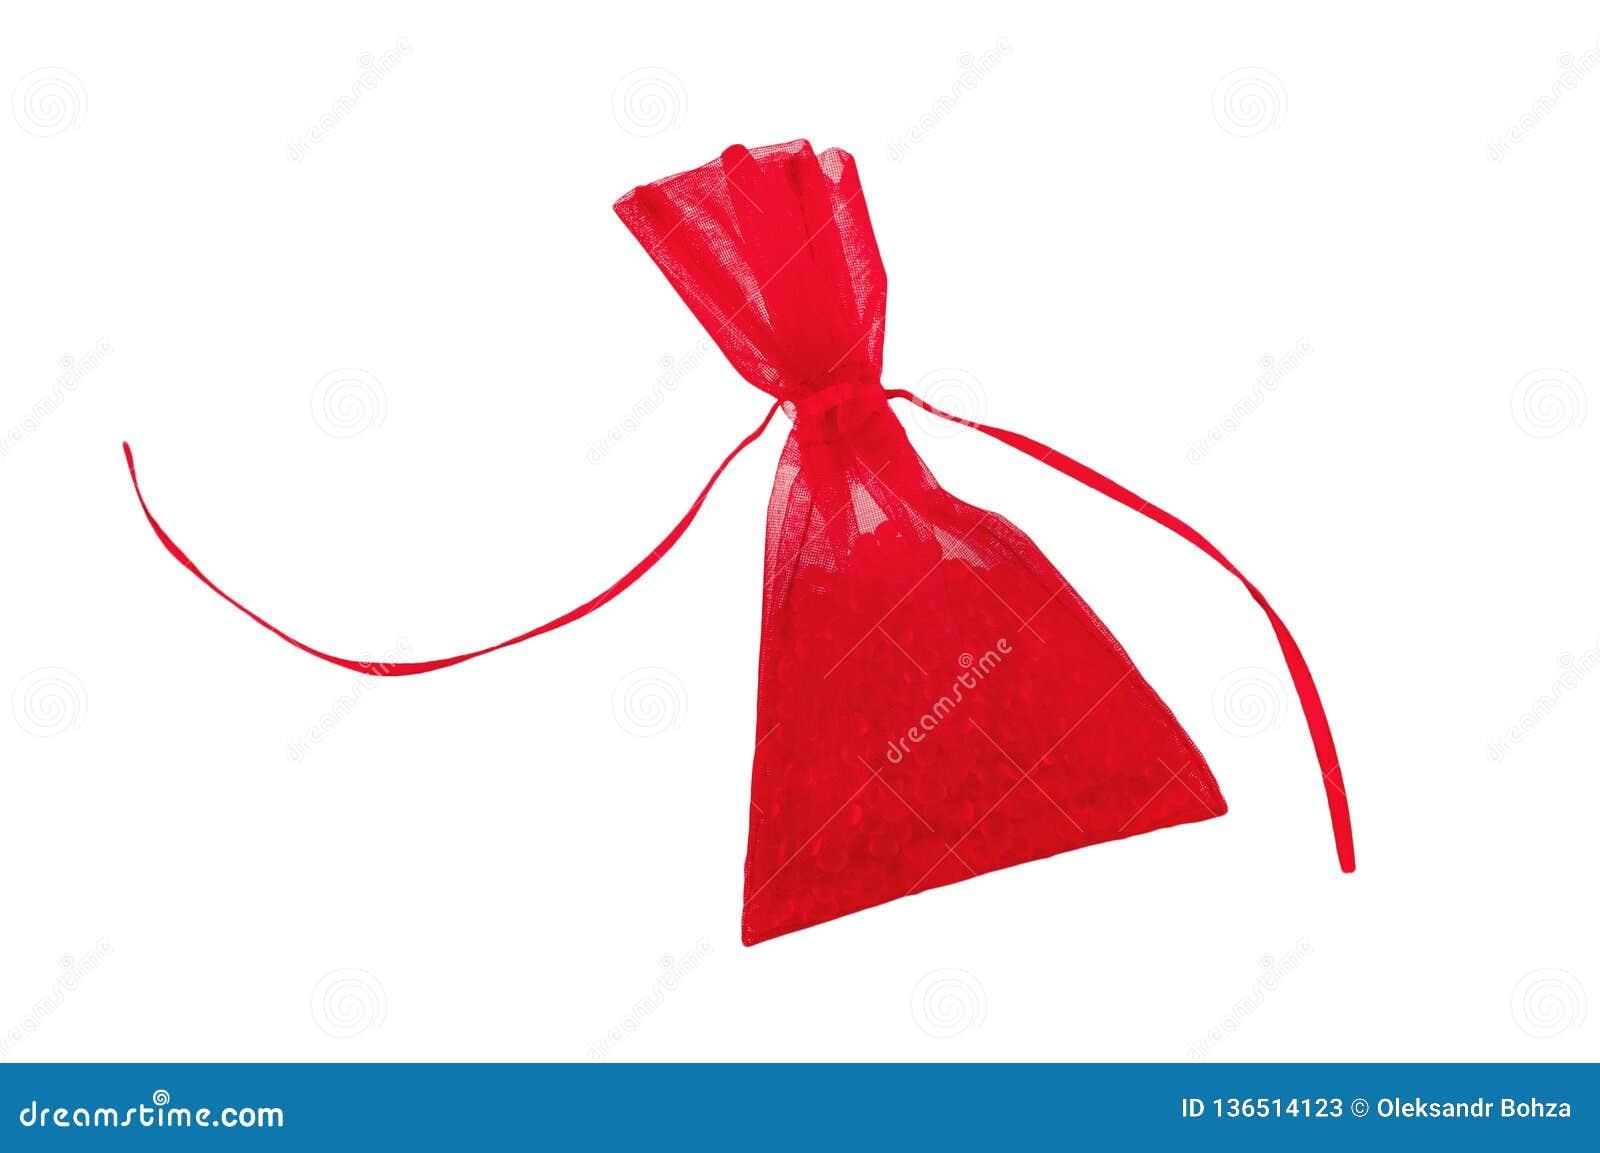 De verfrissing van de autolucht in vorm van volledige rode die zak van halfedelstenen op wit wordt geïsoleerd